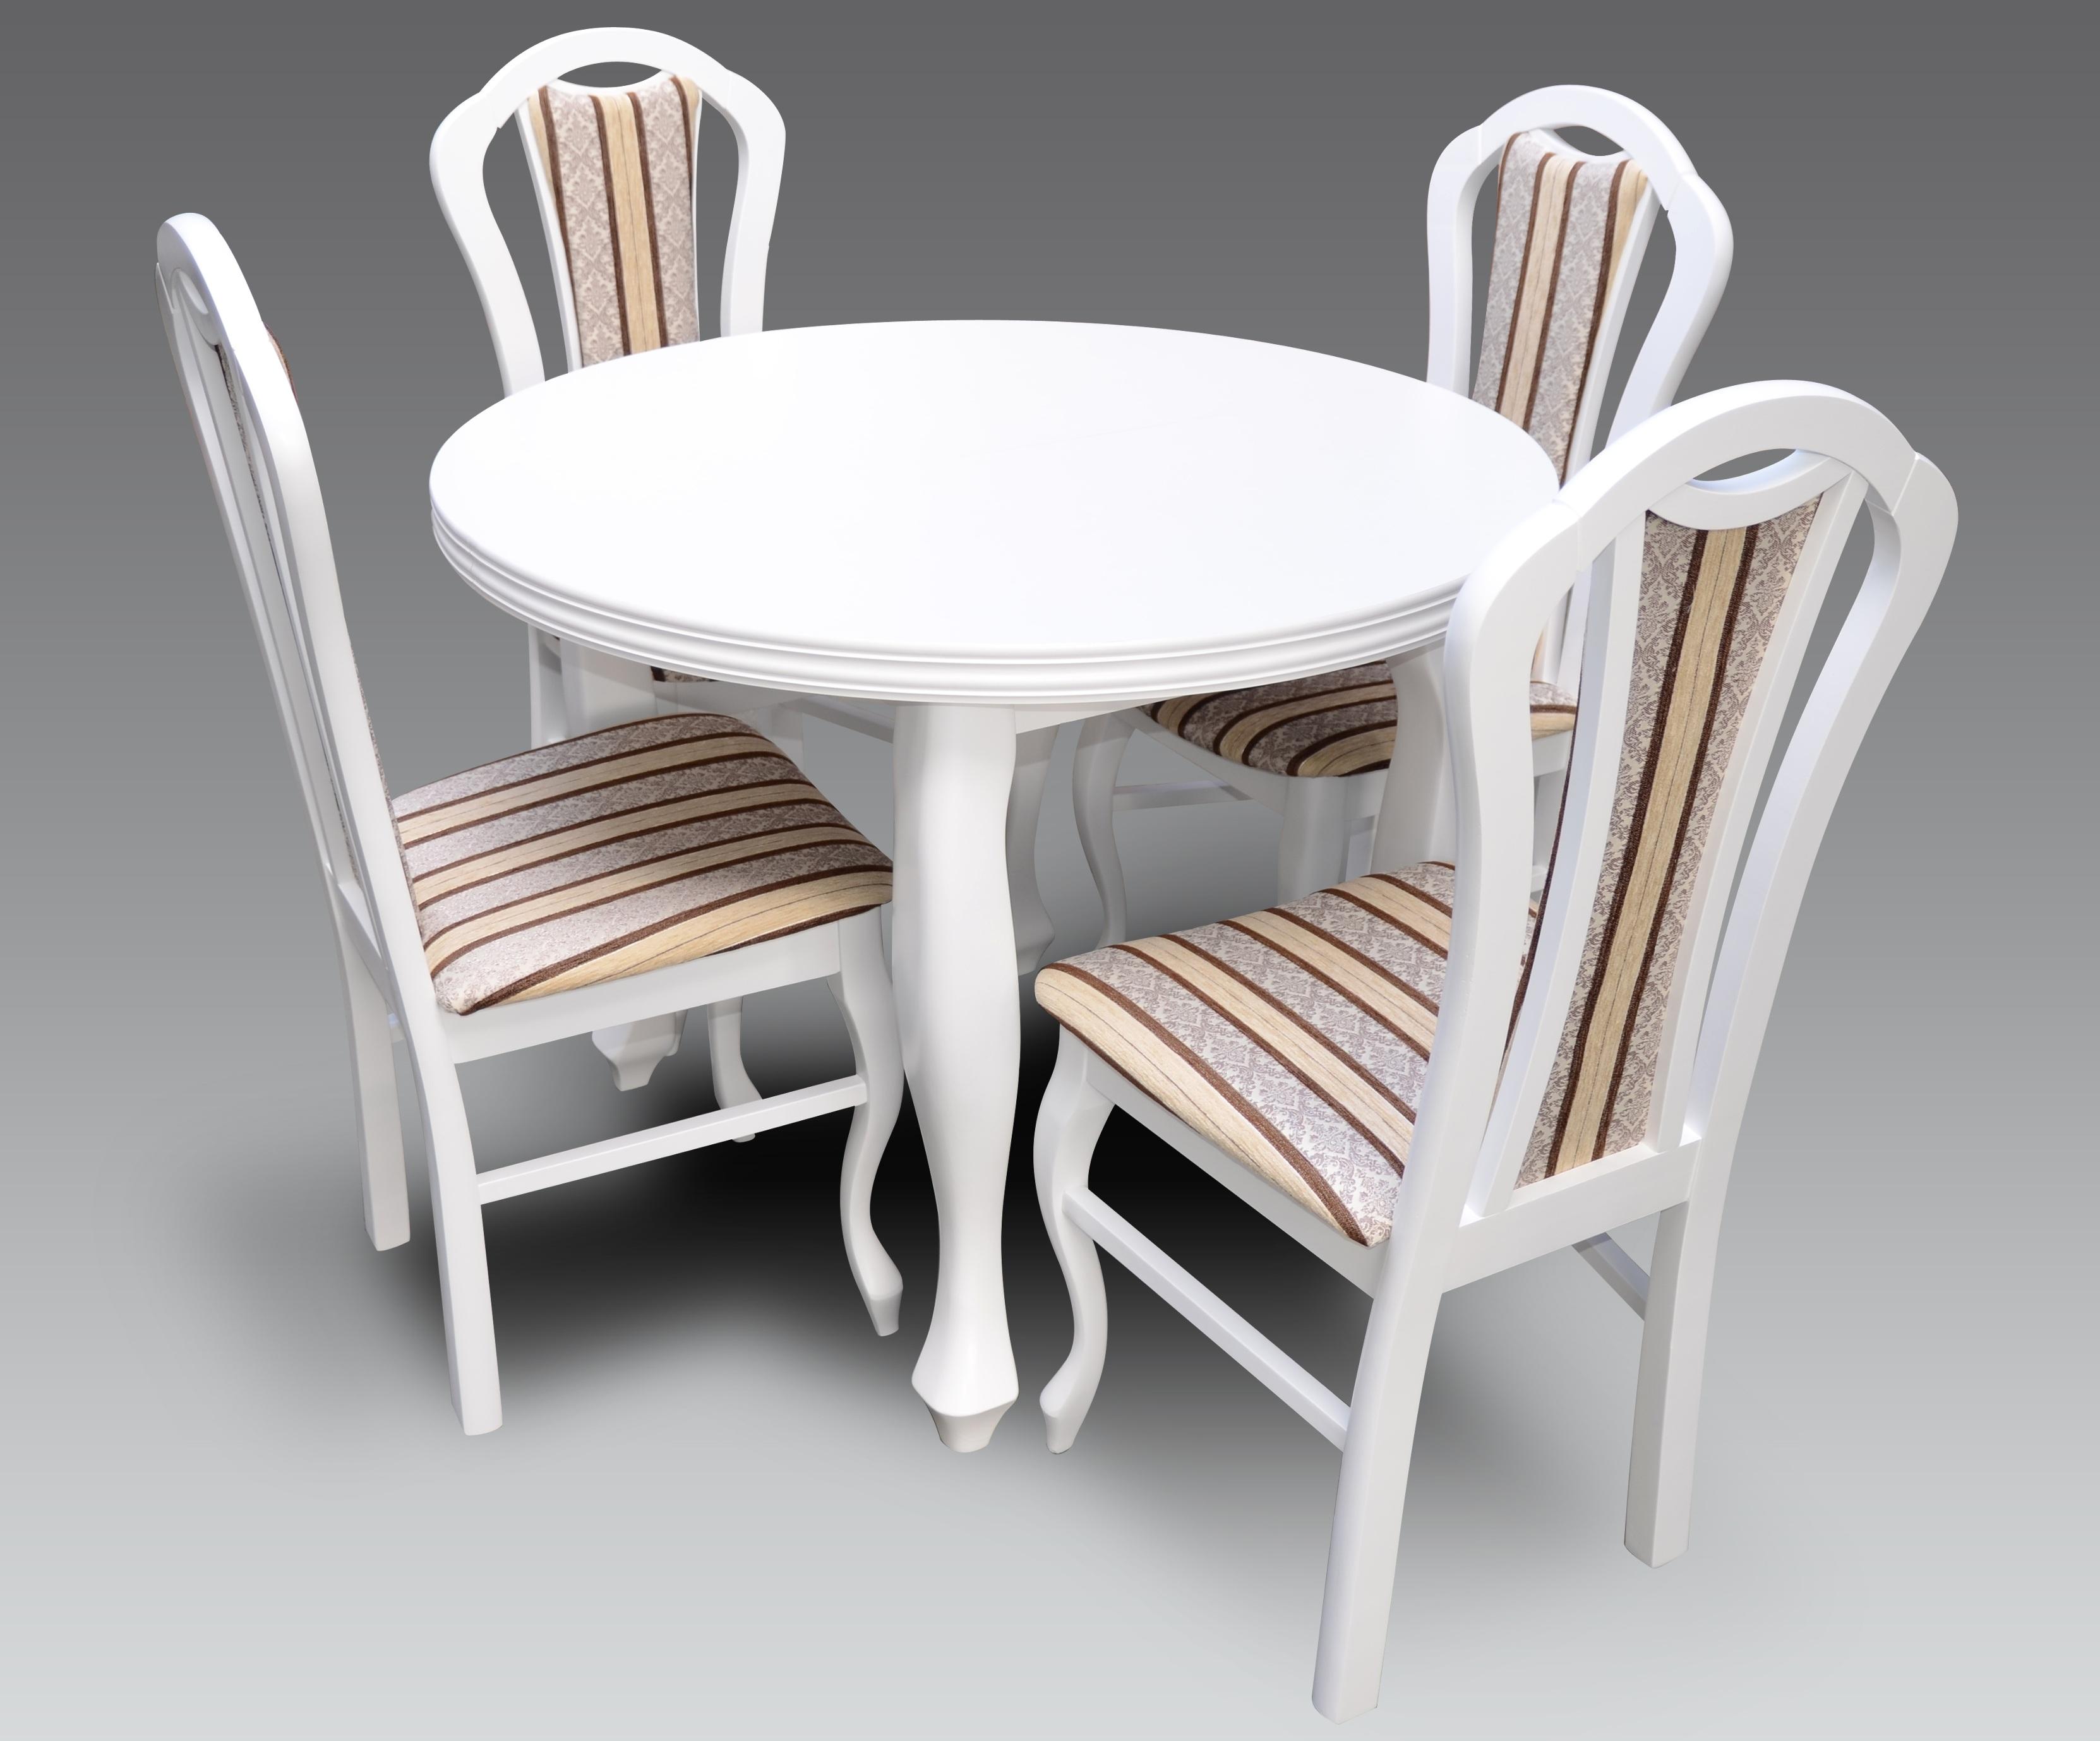 Chłodny Stół okrągły biały 4 krzesła R22 GJ69